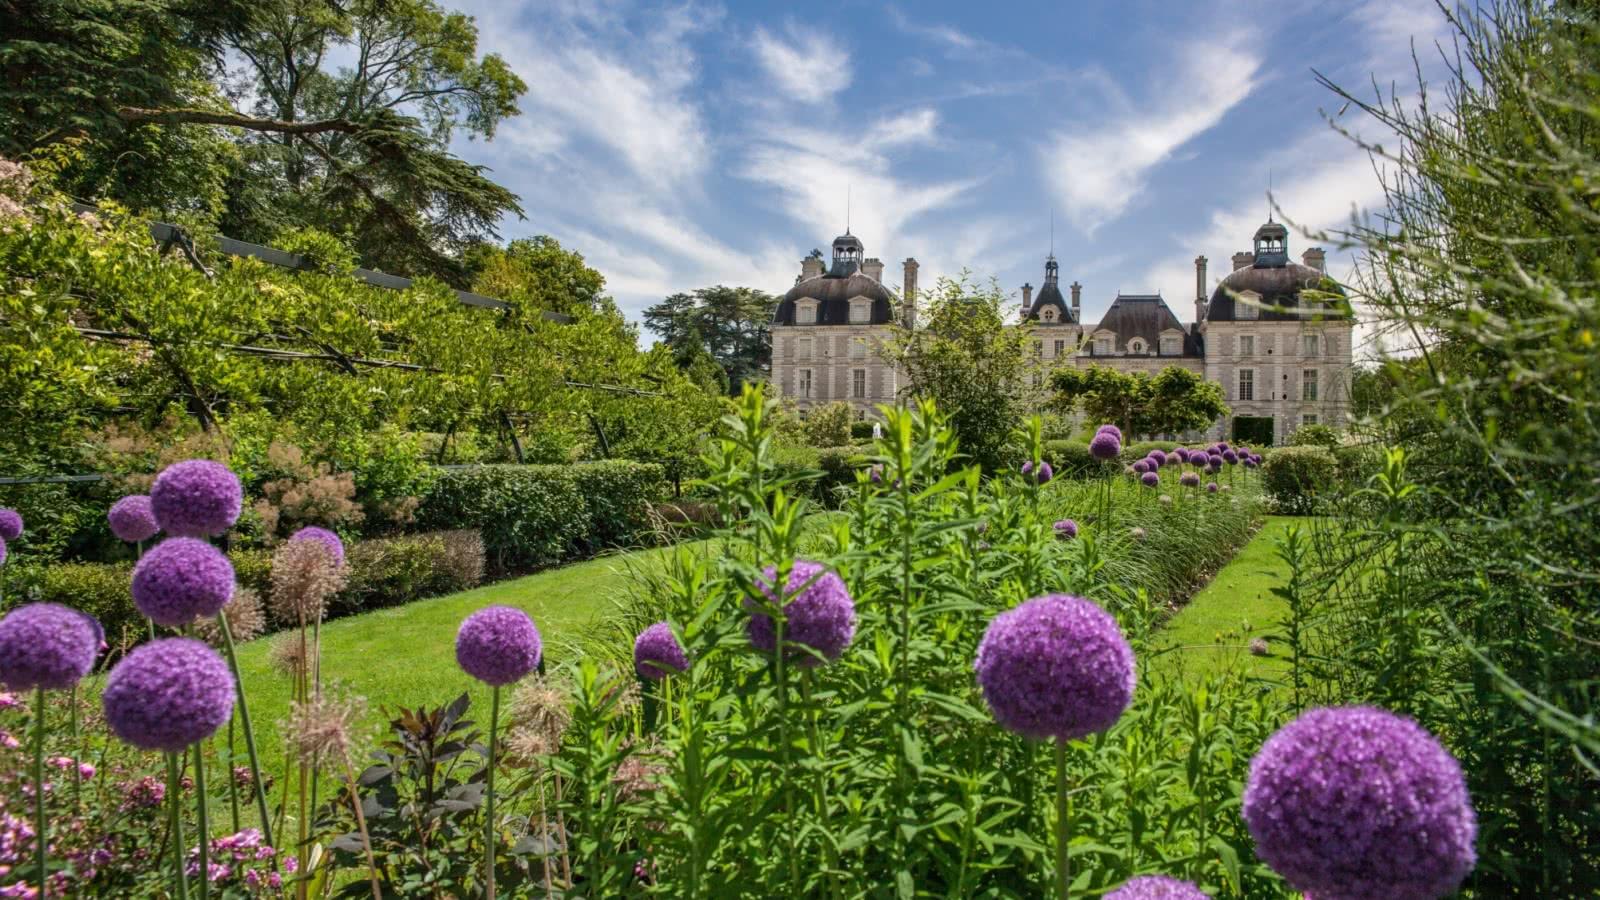 Château de Cheverny - Jardins de tulipes - Vacances en Loir-et-Cher Val de Loire ©Digikode